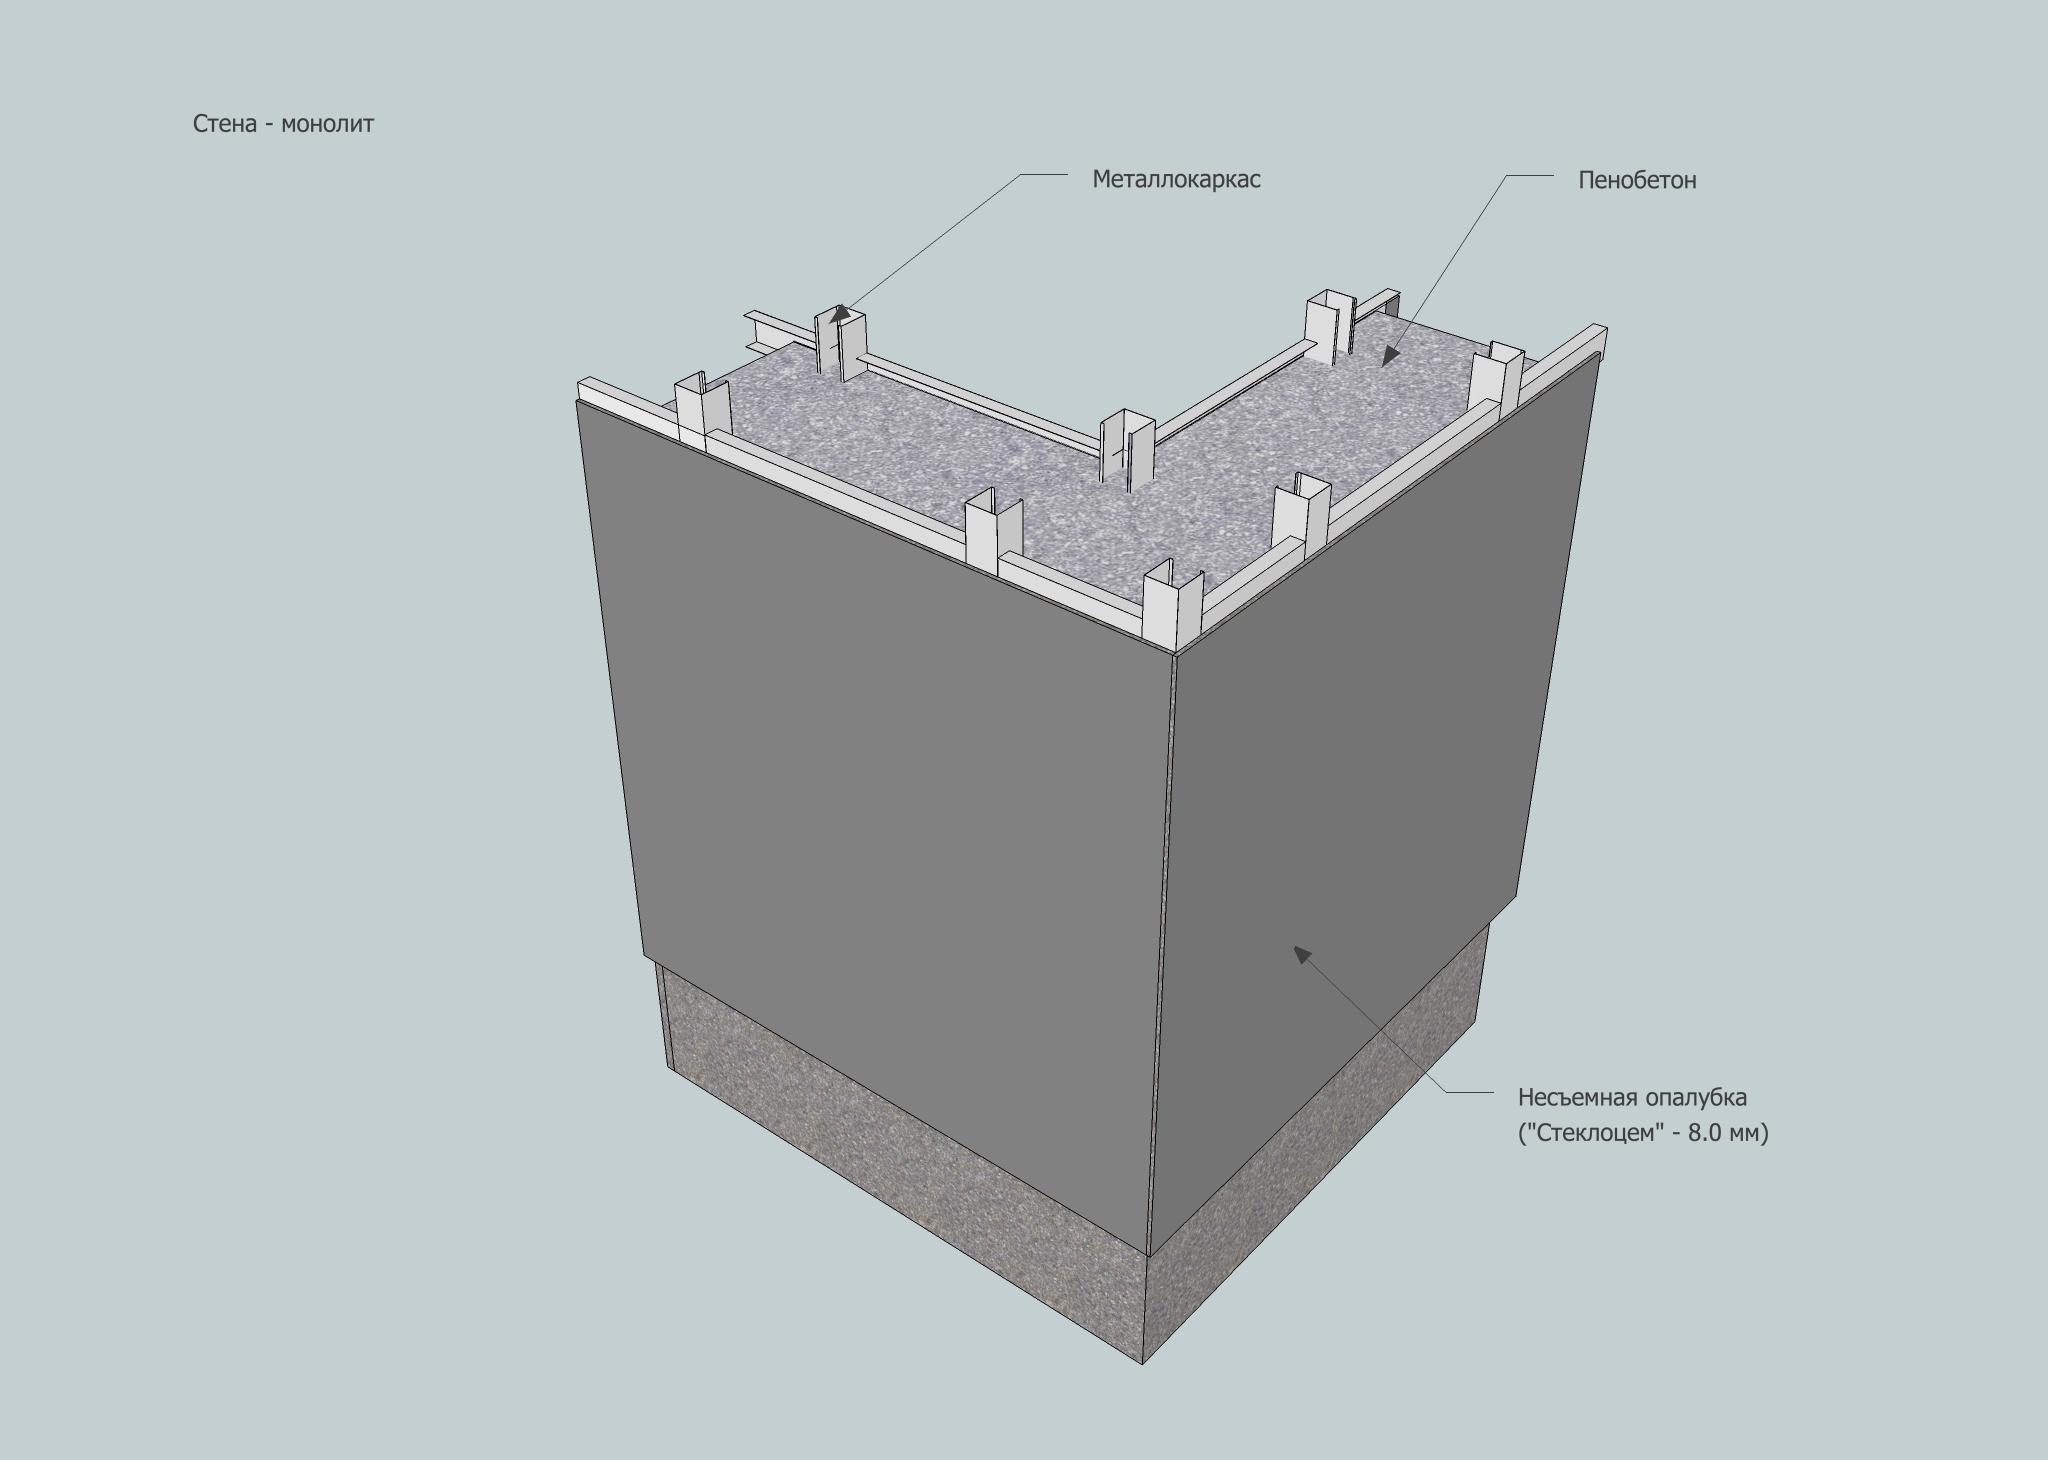 Утеплитель для стен внутри дома или квартиры – выбор материала, способа его укладки